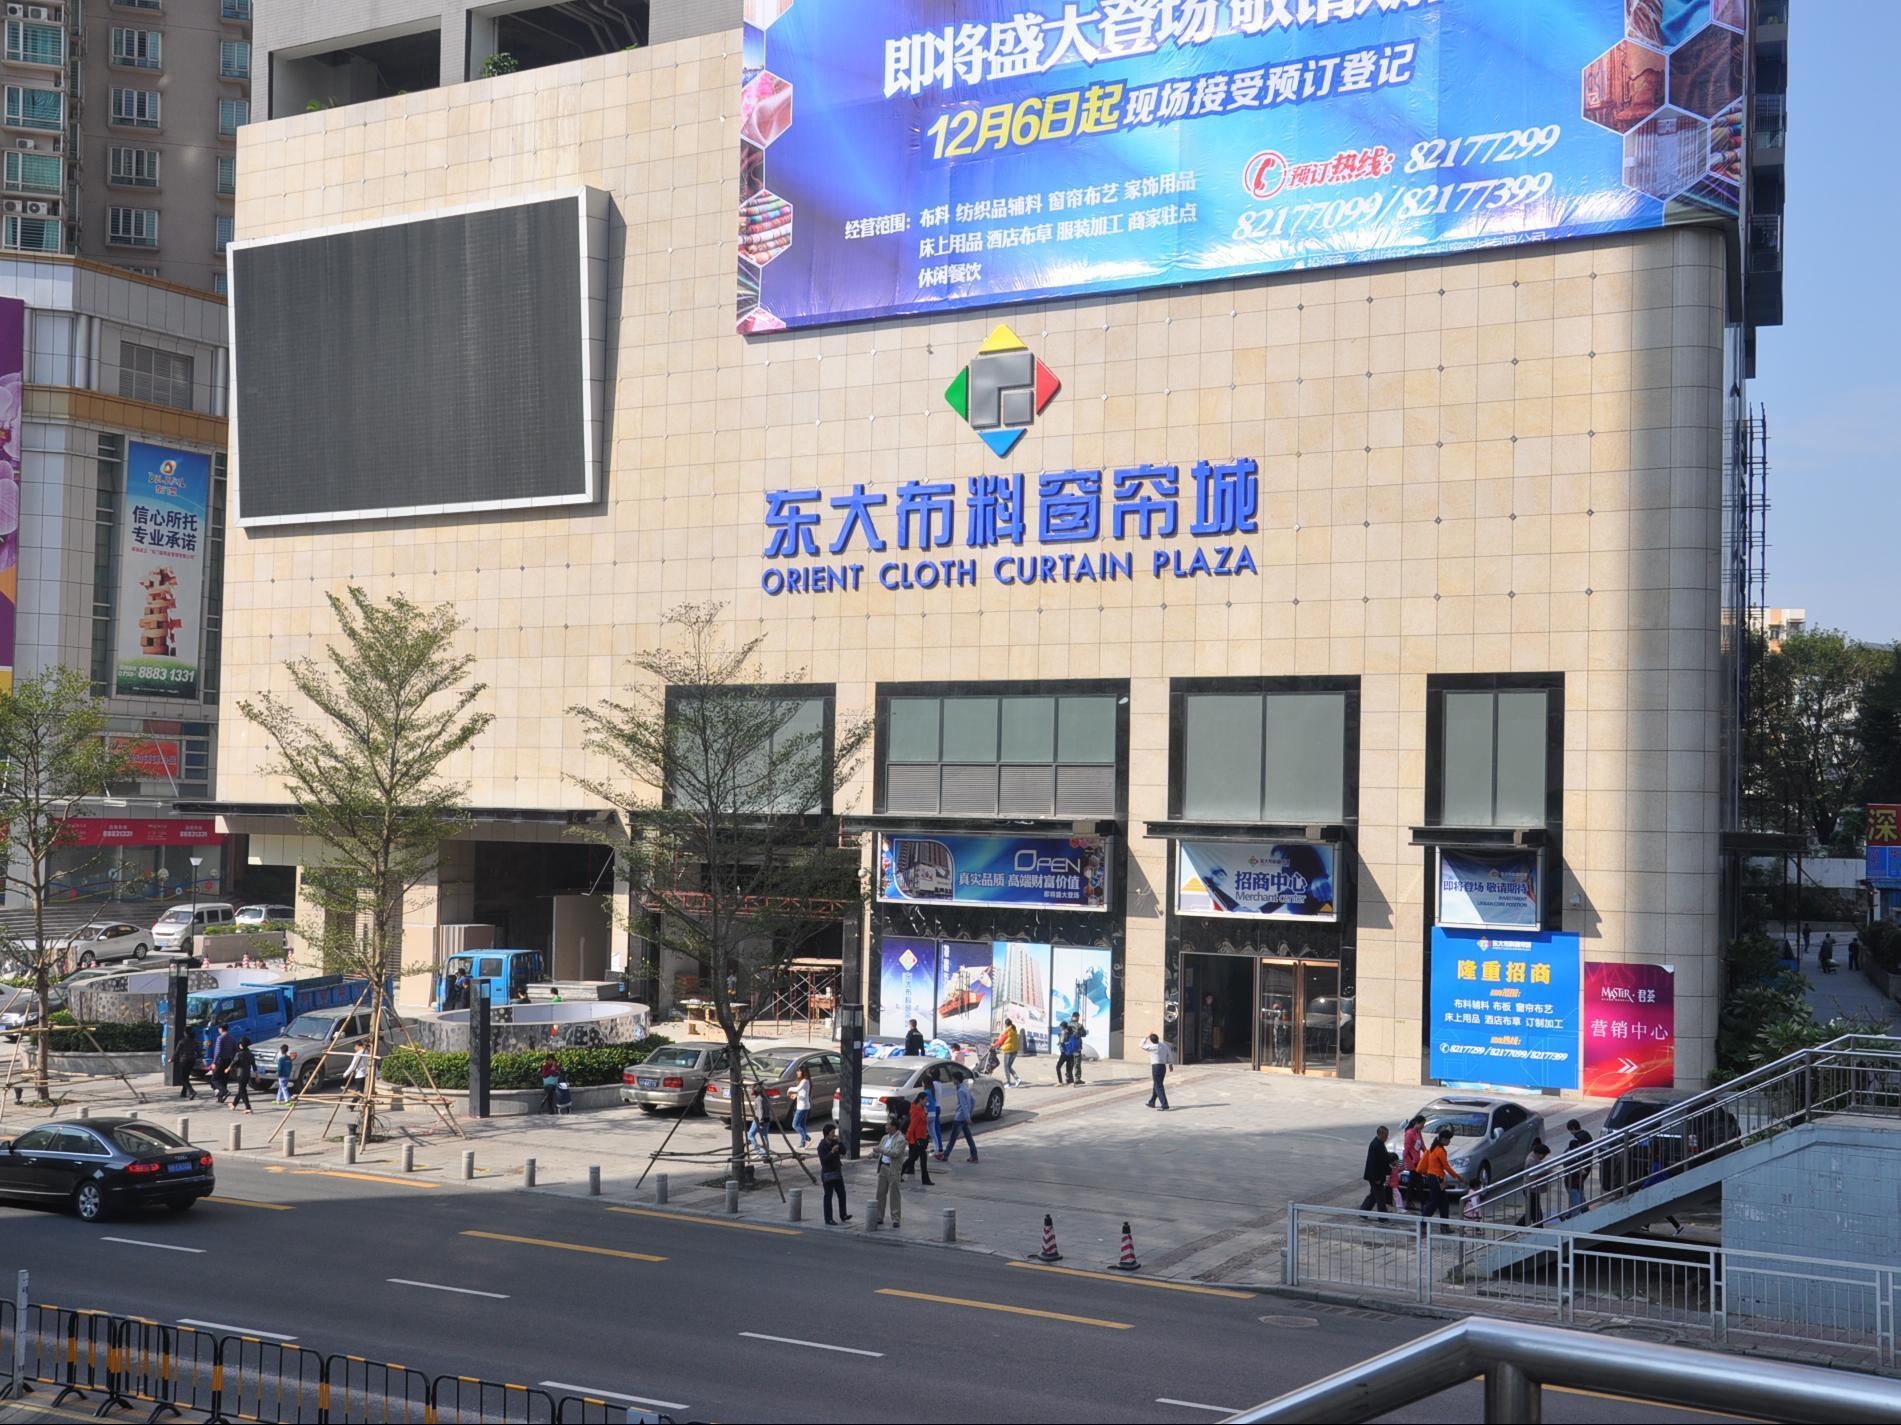 Shengang Hotel Apartment  Shenzhen Dongmen Branch